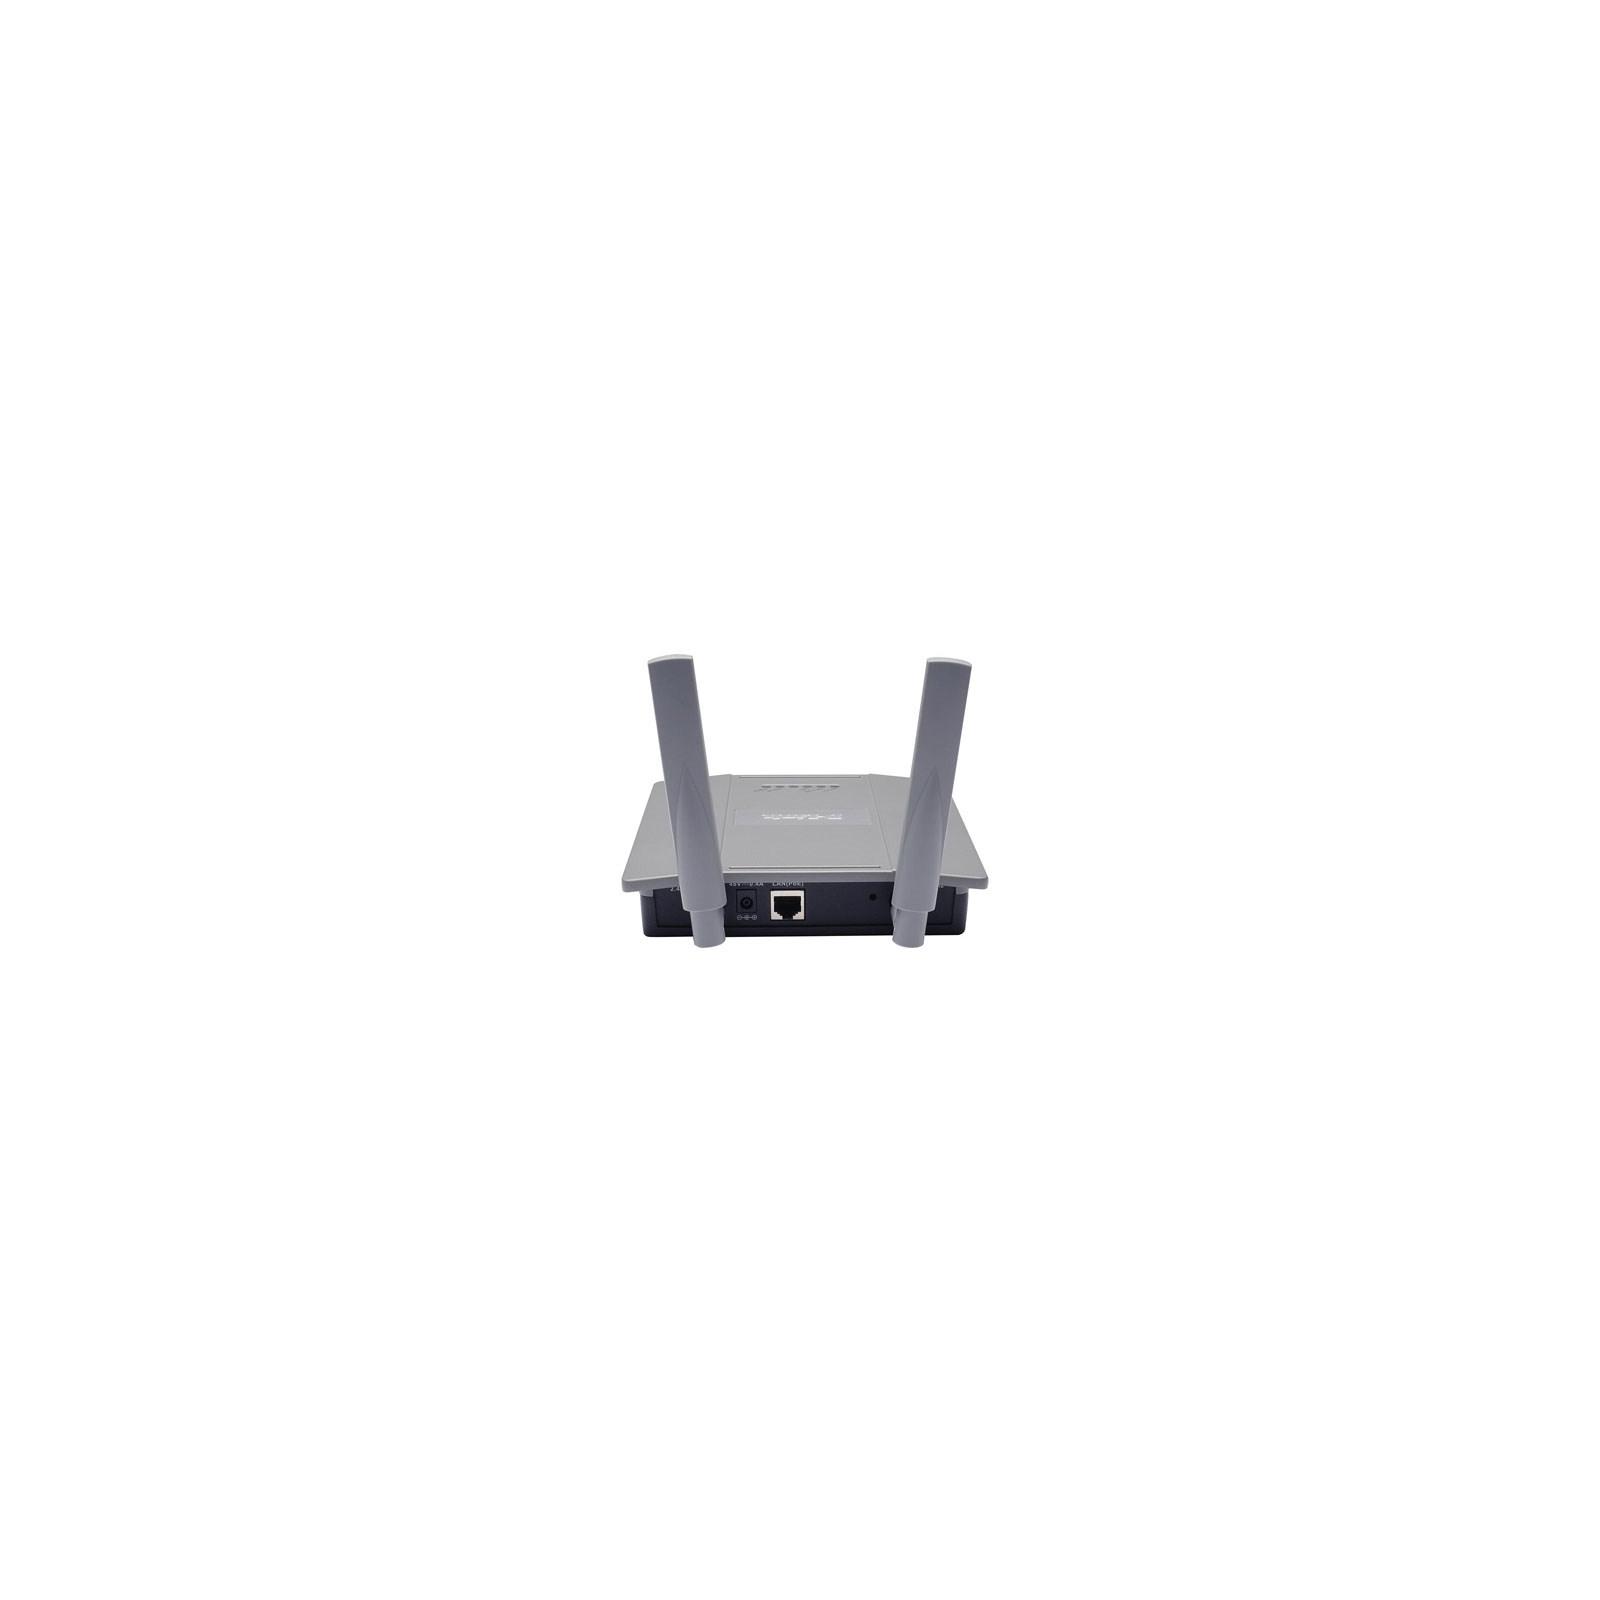 Точка доступа Wi-Fi D-Link DWL-8500AP изображение 2